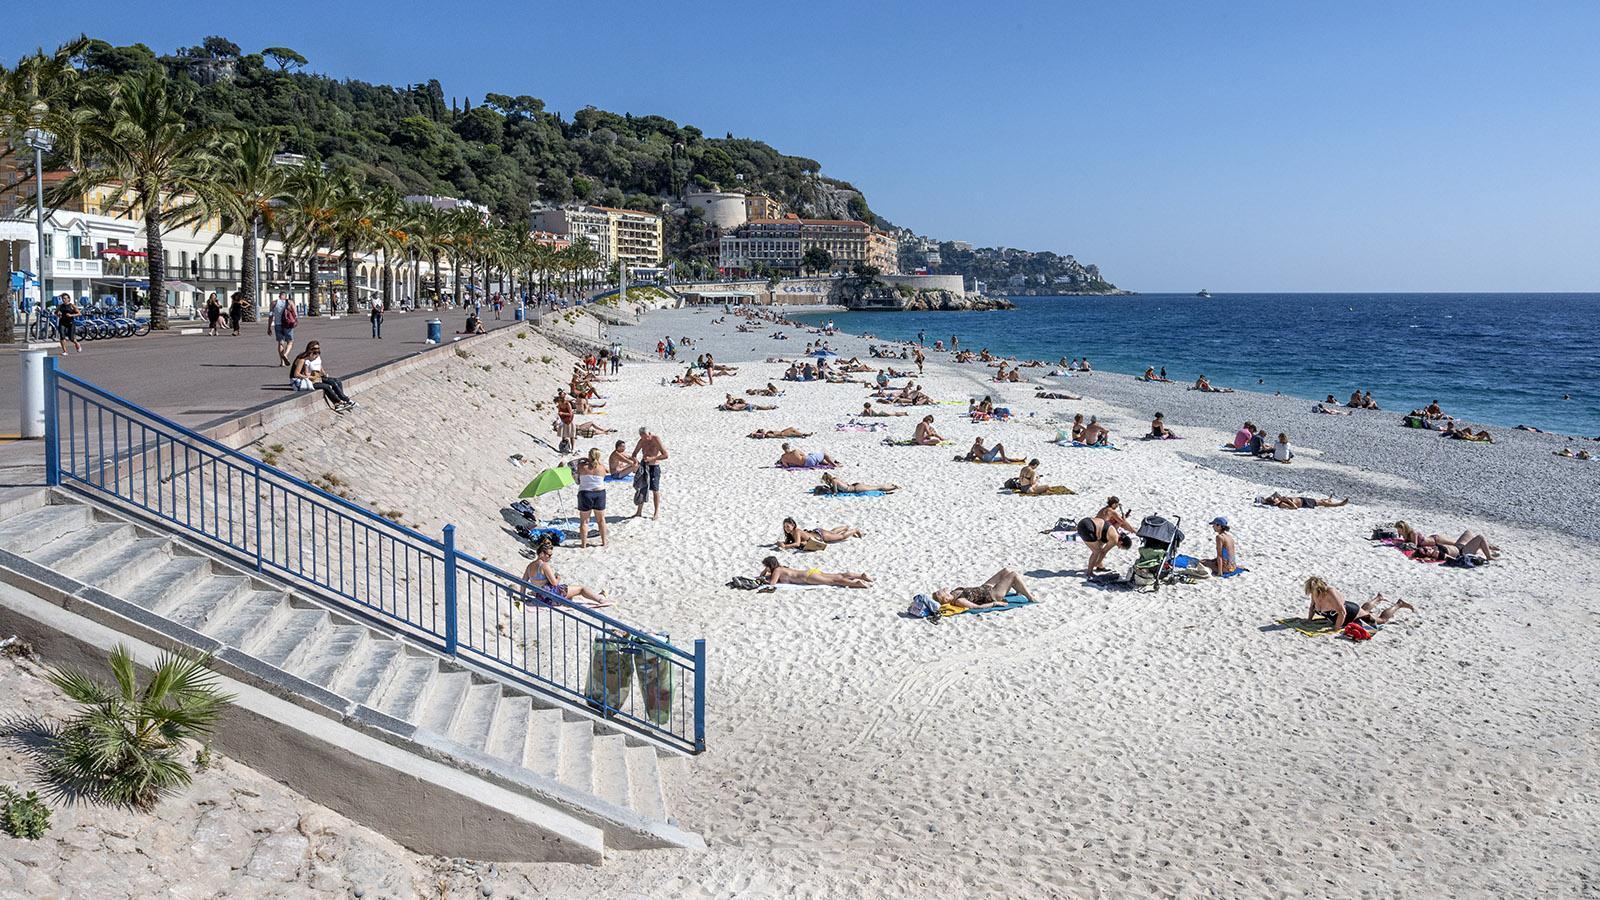 Herbst am Strand von Nizza. Foto: Hilke Maunder